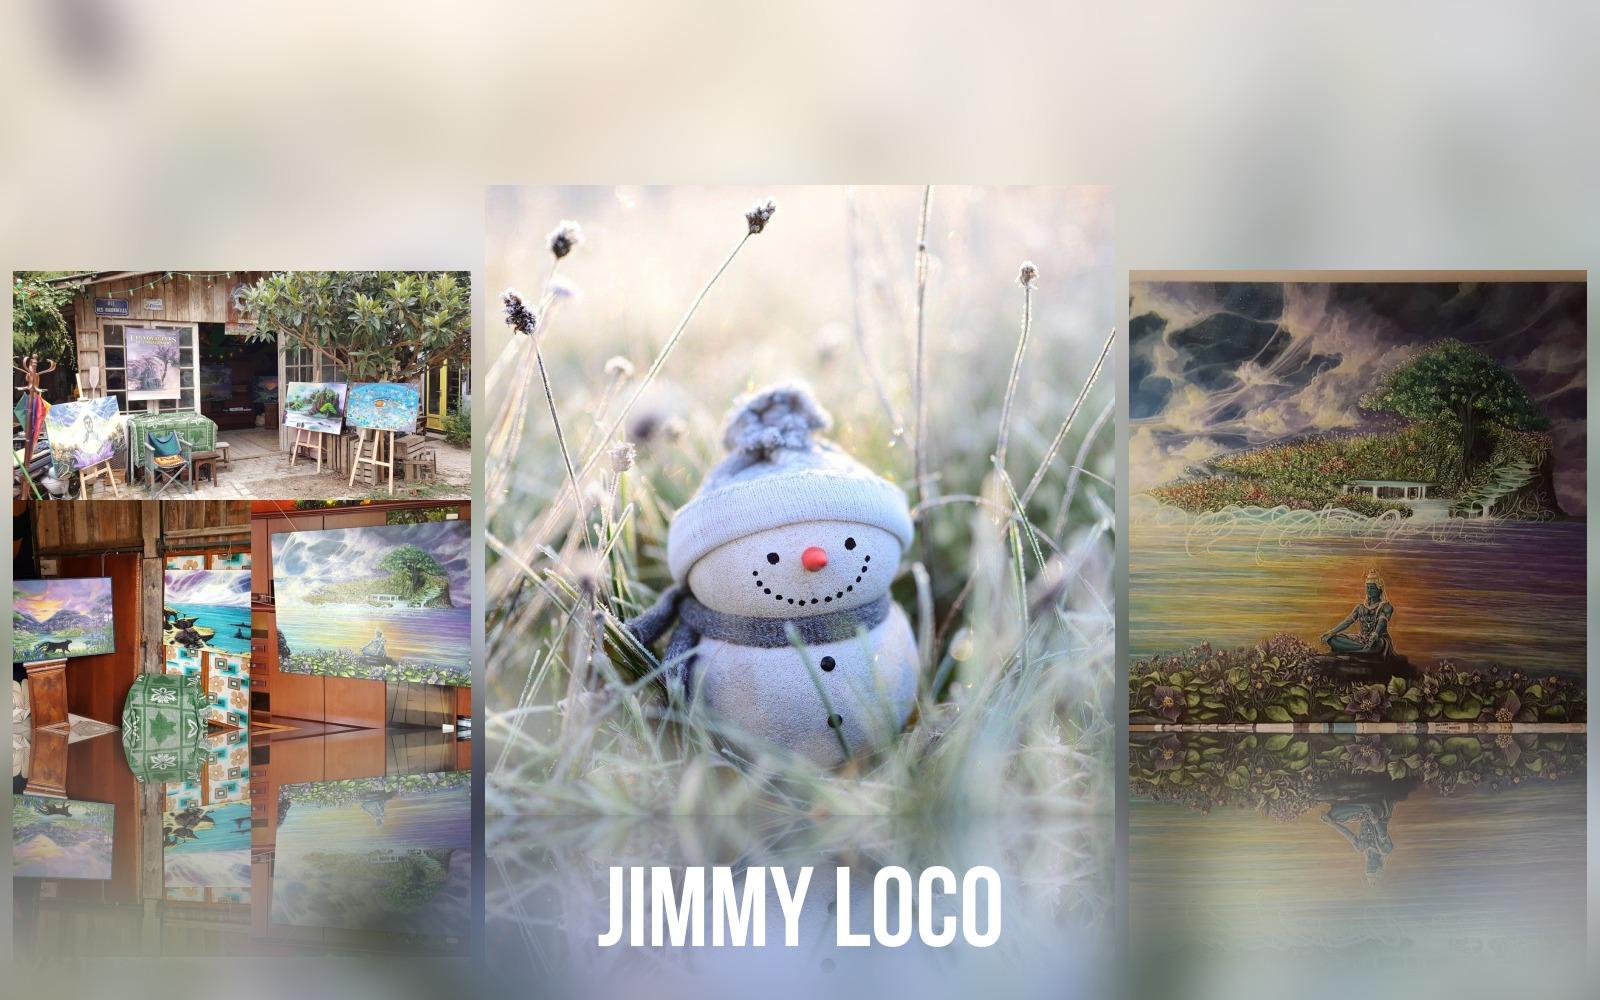 Jimmy Loco marché de noël virtuel de Souriez rose